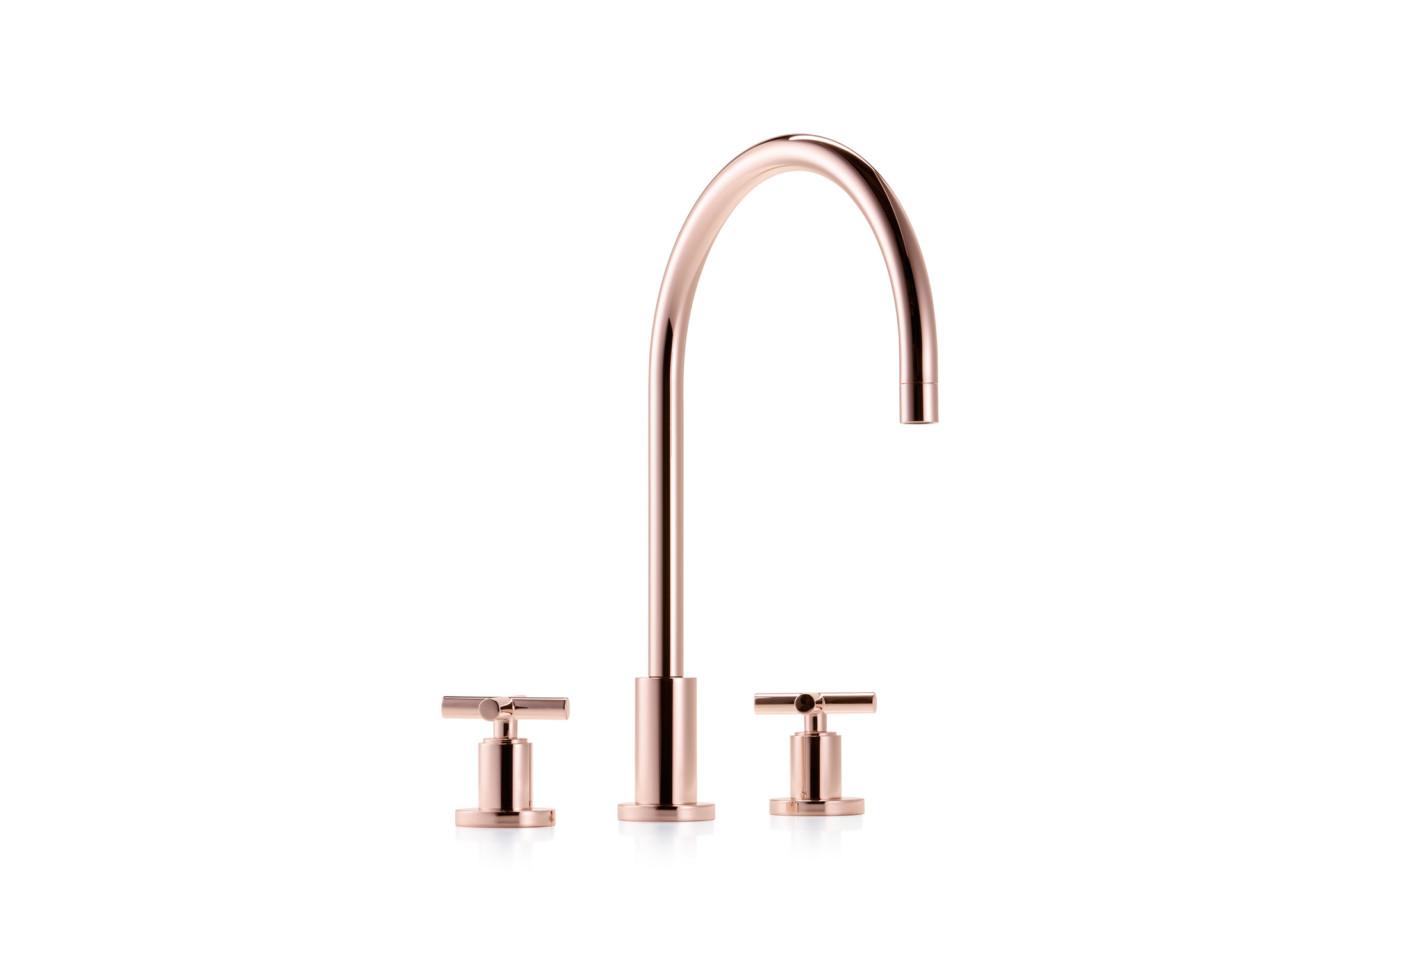 Dornbracht Kitchen Faucet | German Bathroom Faucets | Dornbracht Mem Faucet